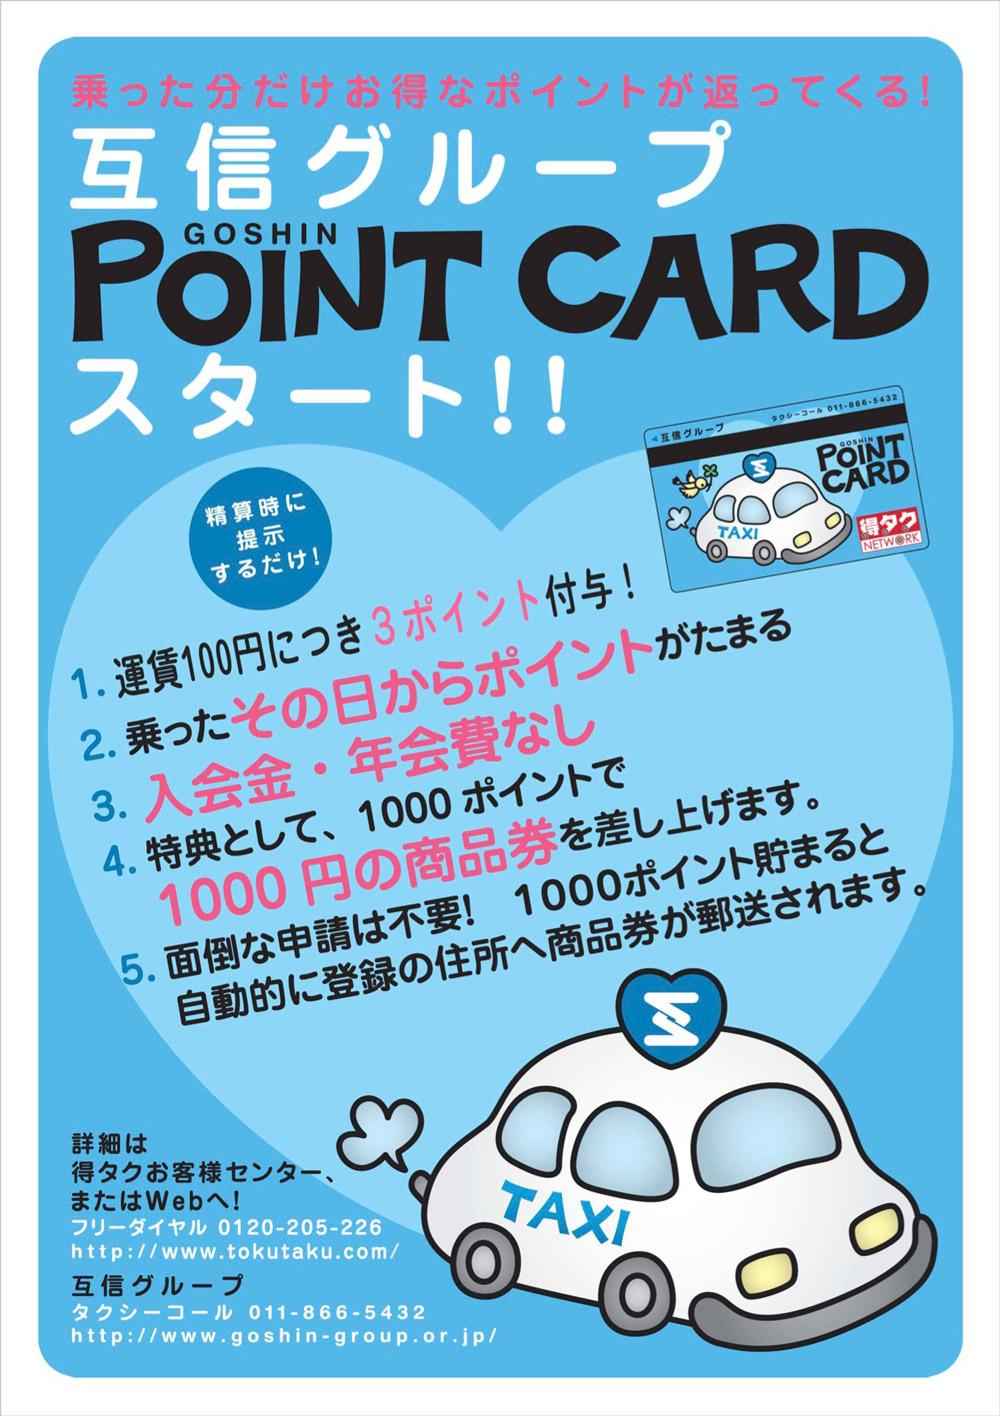 お得なポイントが貯まる得タクポイントカードがご利用いただけます。